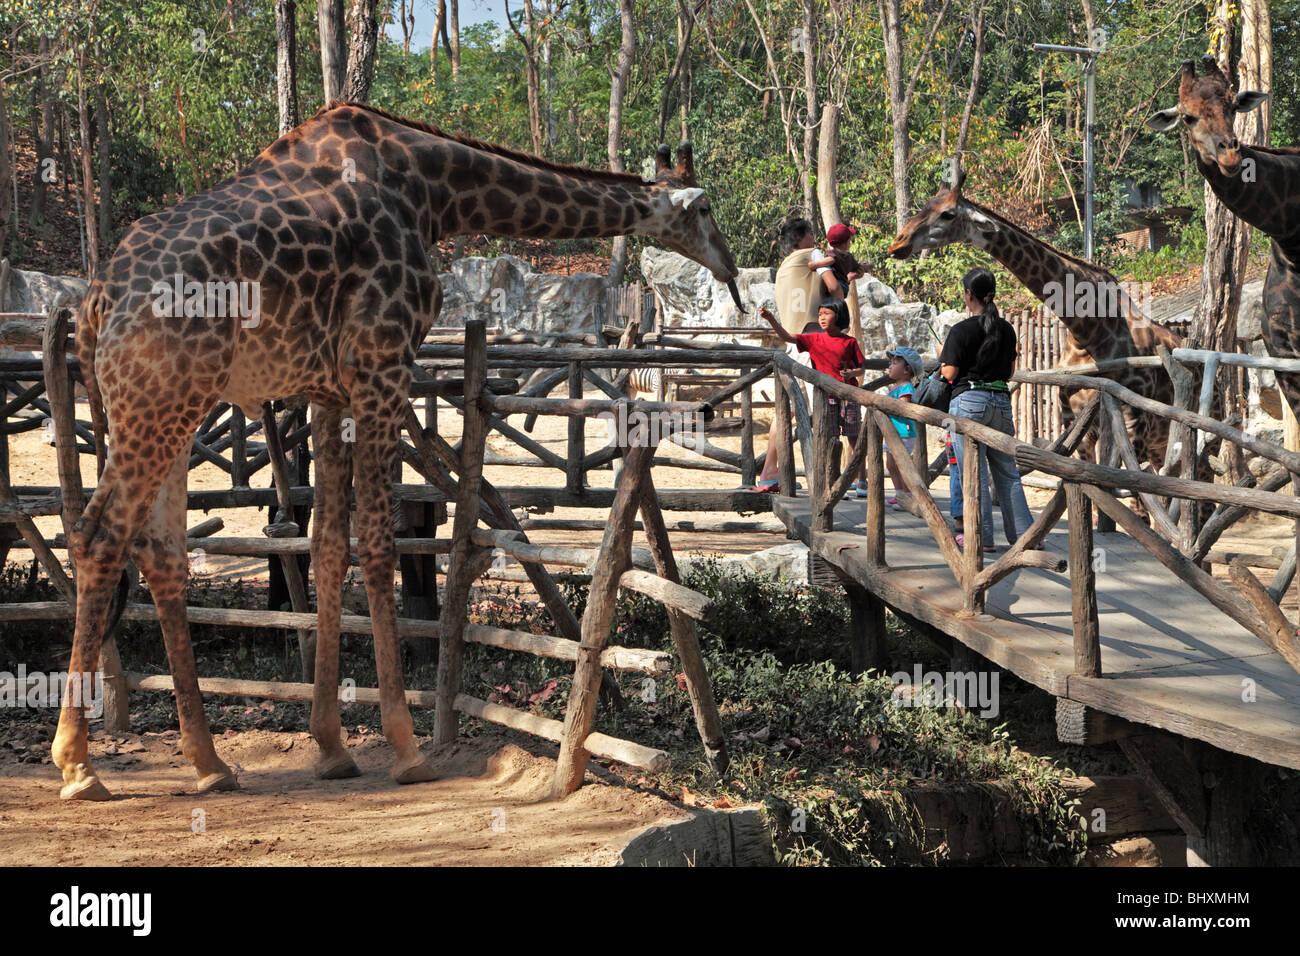 Giraffe meets visitors at Chiang Mai Zoo, Thailand - Stock Image